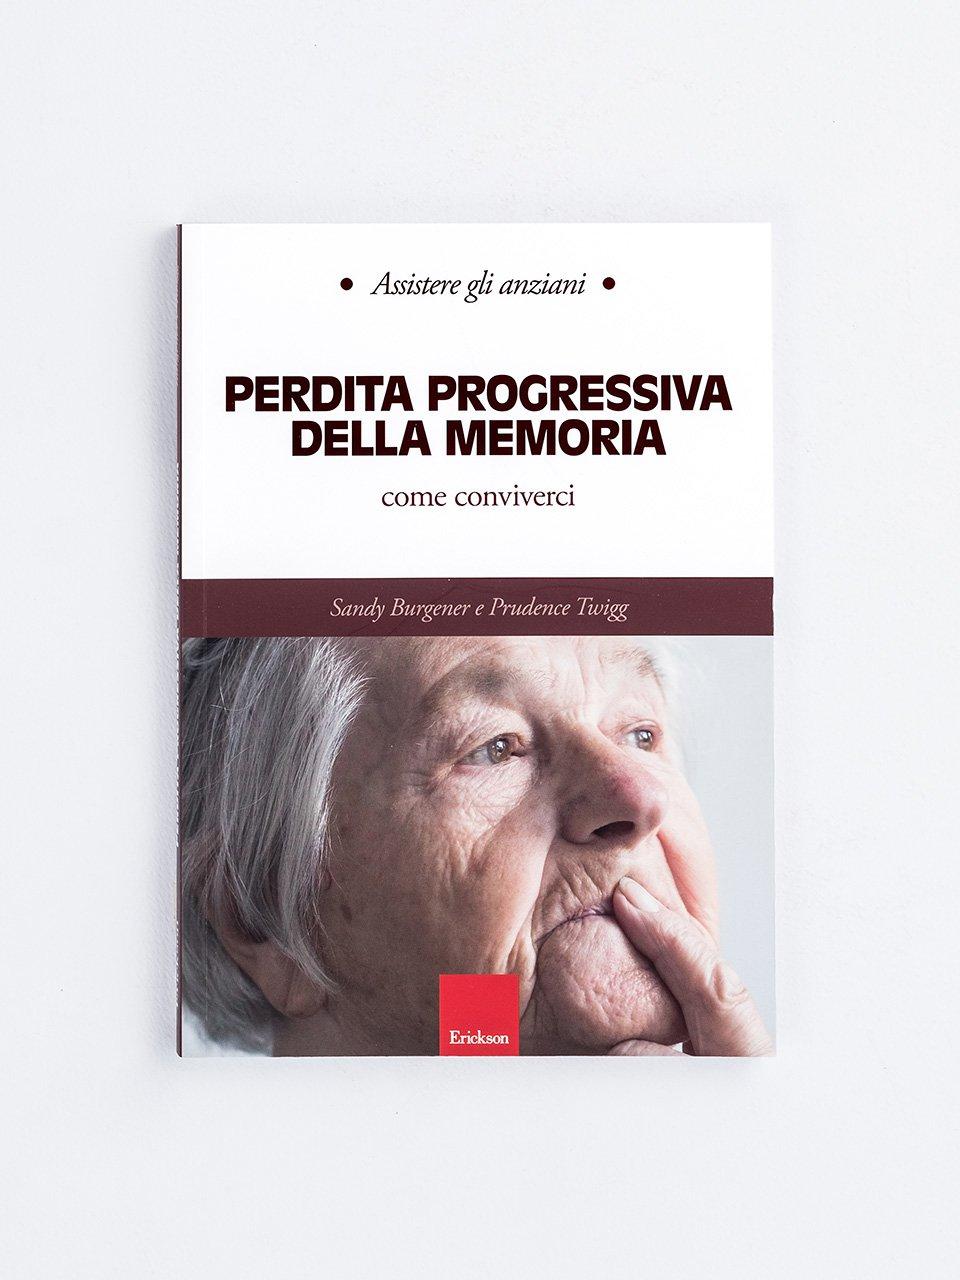 Assistere gli anziani - PERDITA PROGRESSIVA DELLA MEMORIA - Test TEMA - Memoria e apprendimento - Libri - Strumenti - Erickson